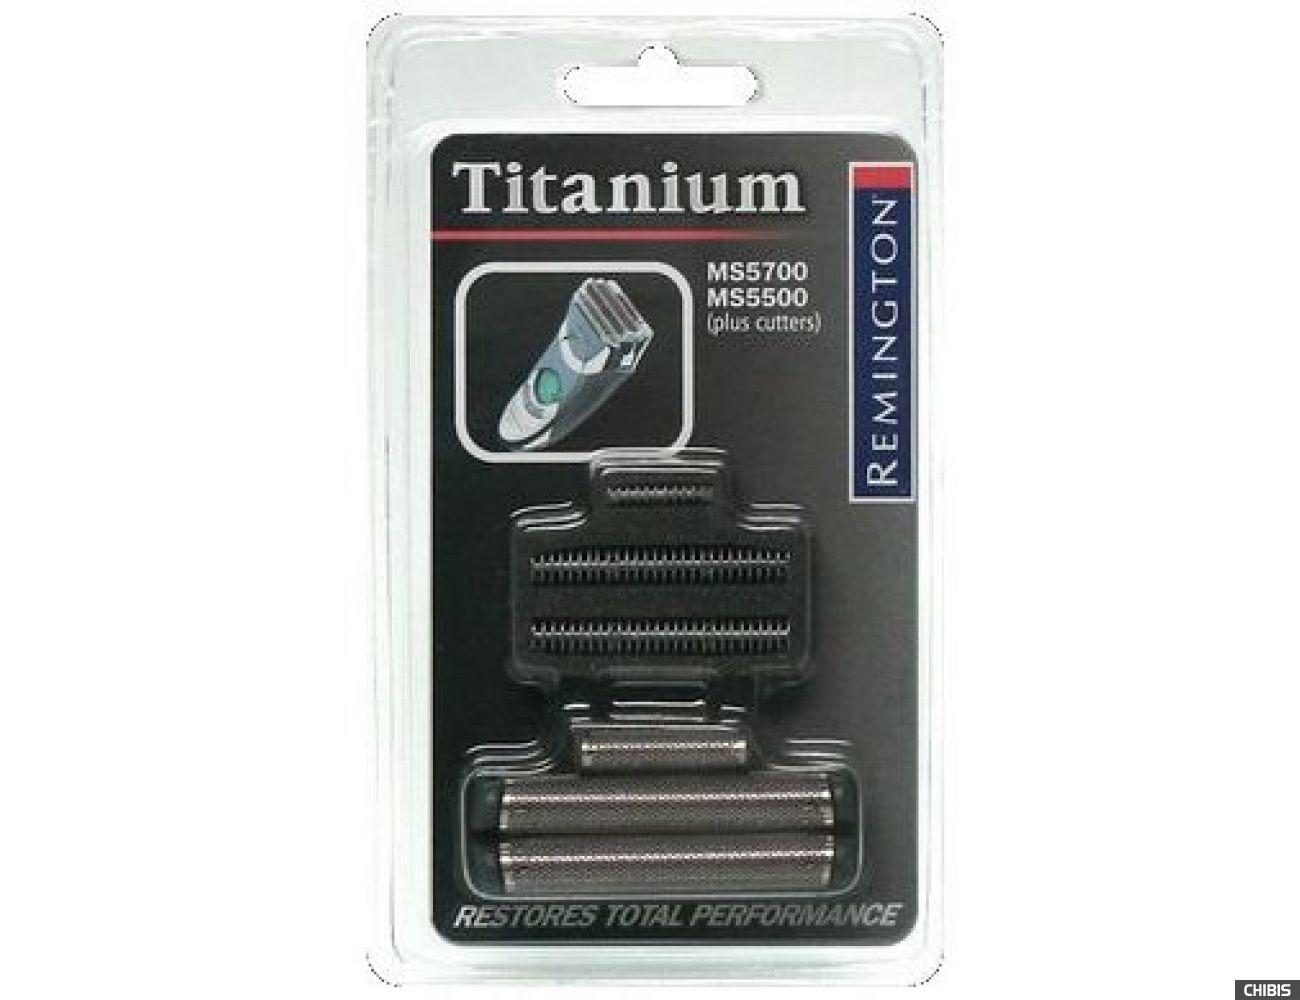 Сетка и режущий блок Remington SP96 Titanium (44014530400) для MS5700, MS5500